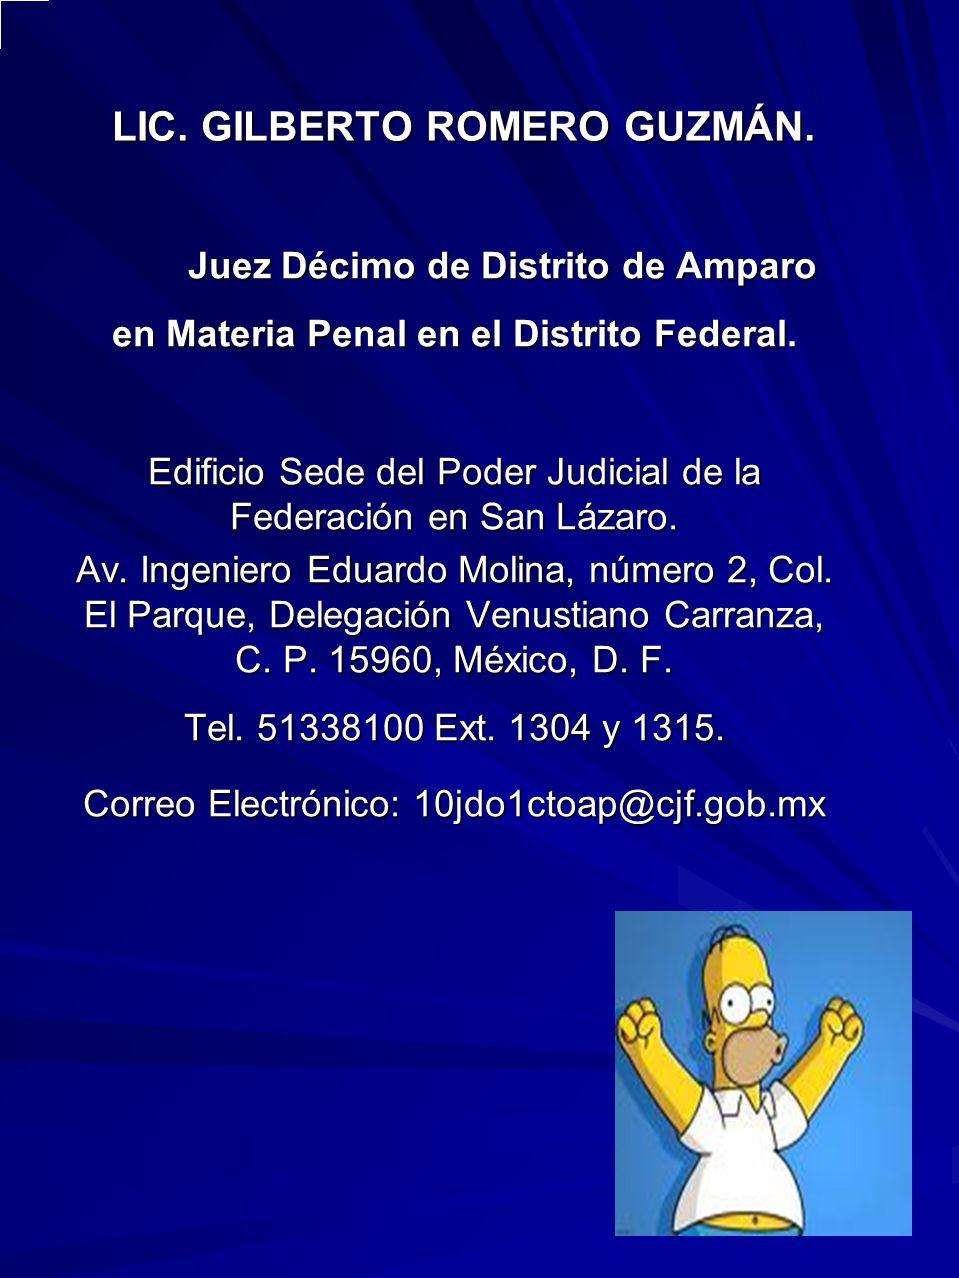 LIC. GILBERTO ROMERO GUZMÁN. Juez Décimo de Distrito de Amparo en Materia Penal en el Distrito Federal. Edificio Sede del Poder Judicial de la Federac